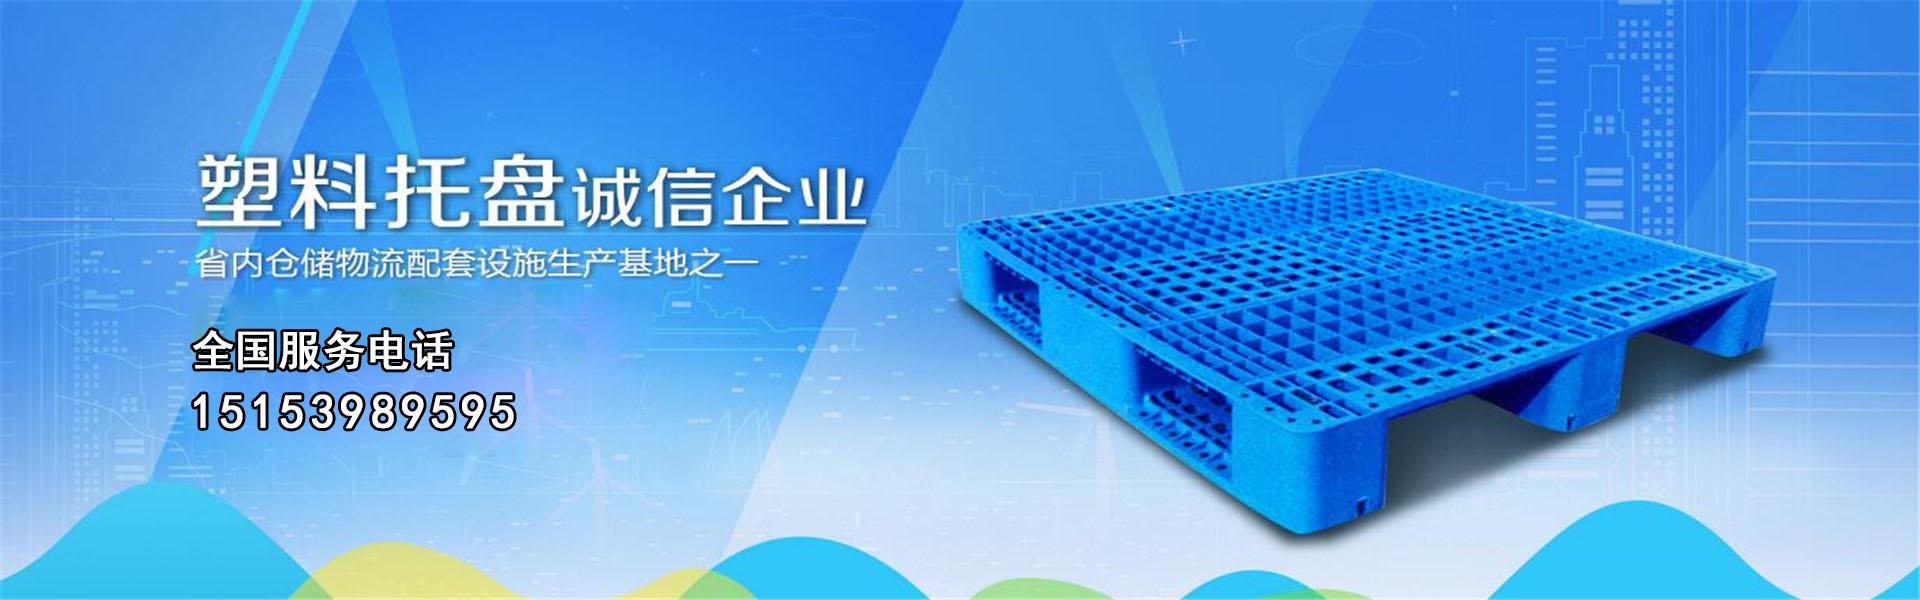 永泰塑料栈板厂家/供应商